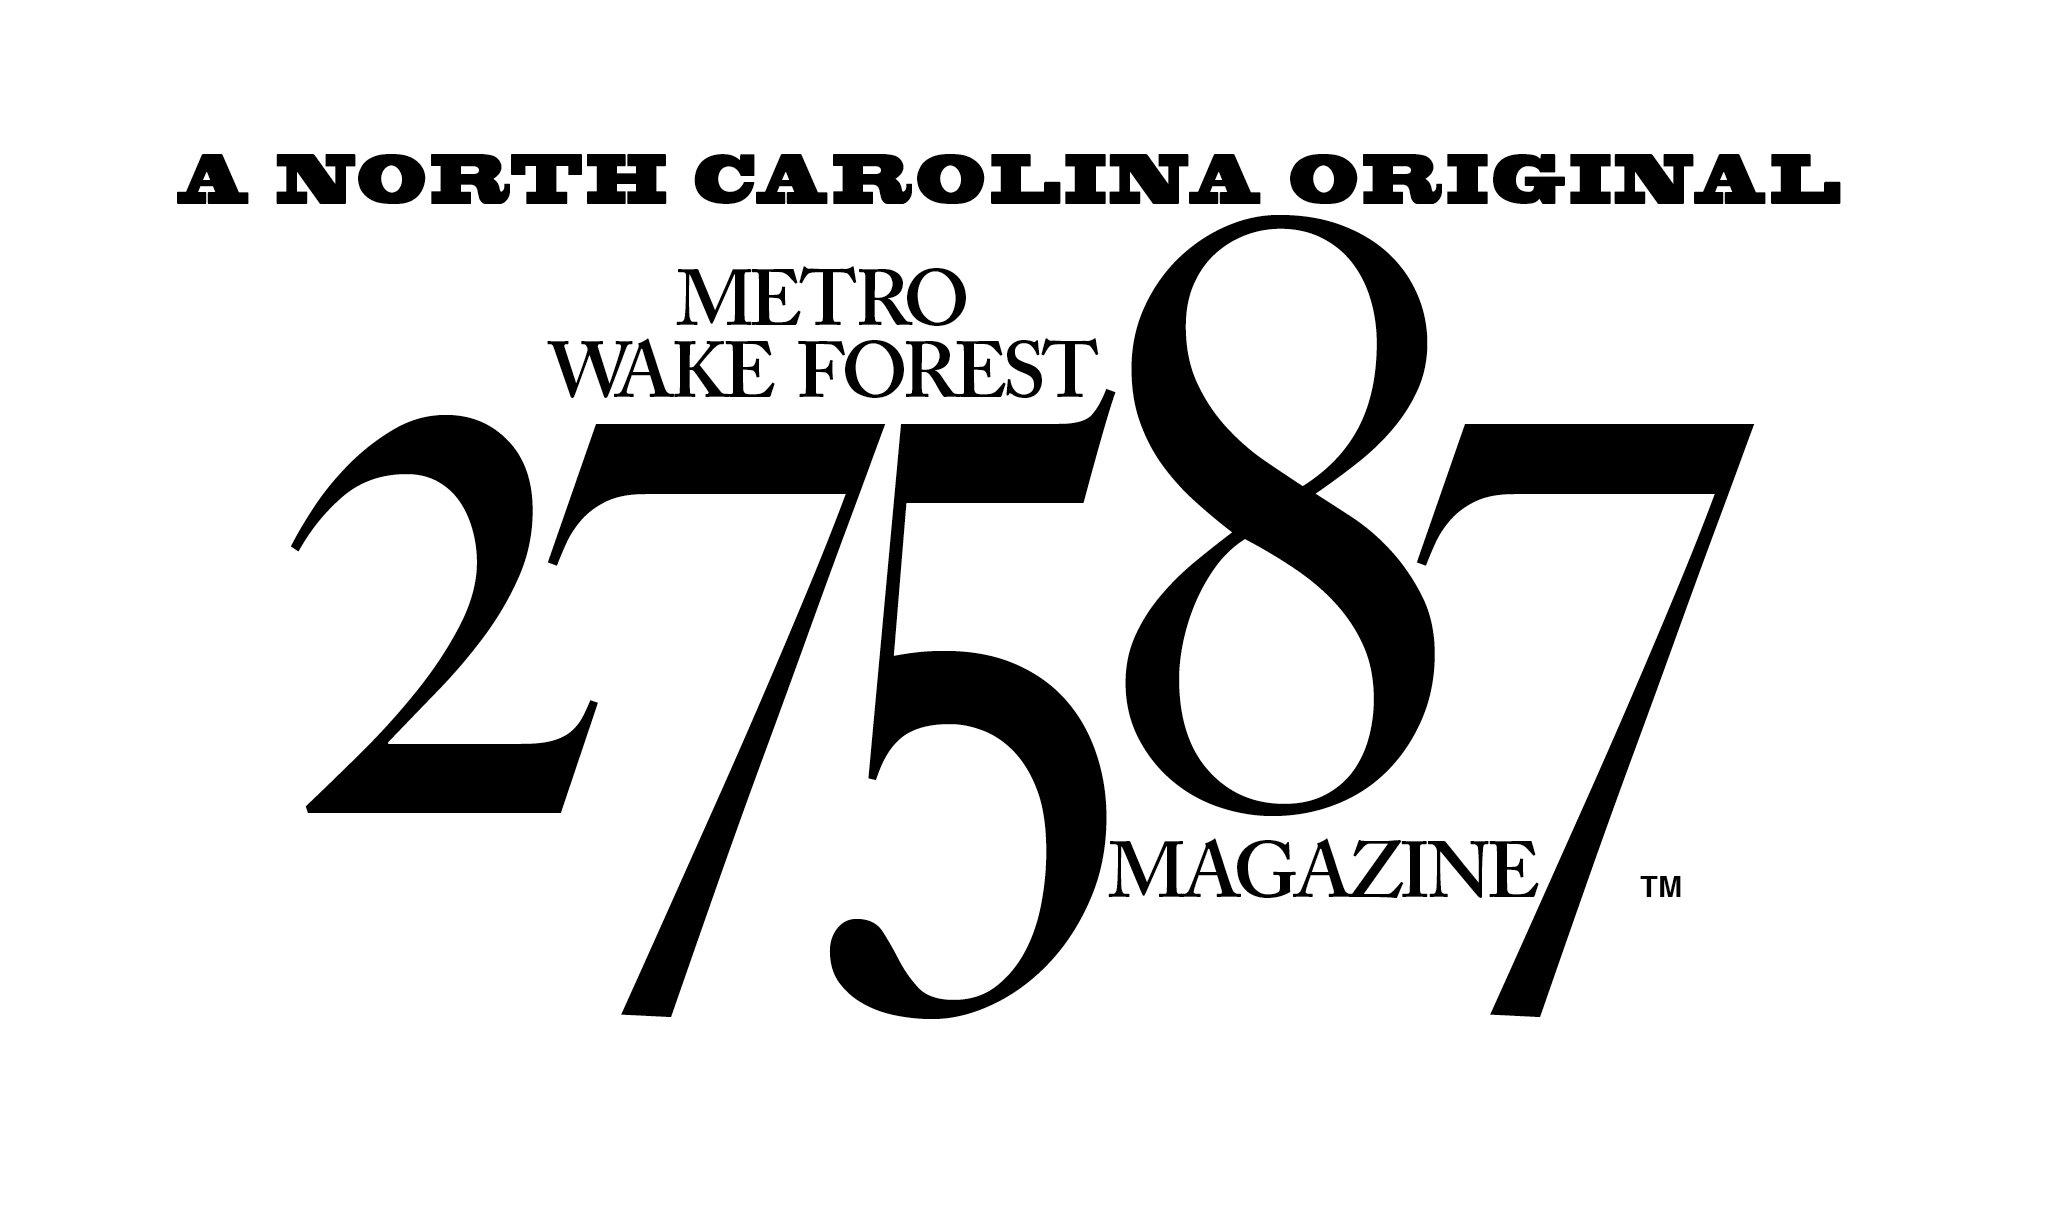 www.27587magazine.com